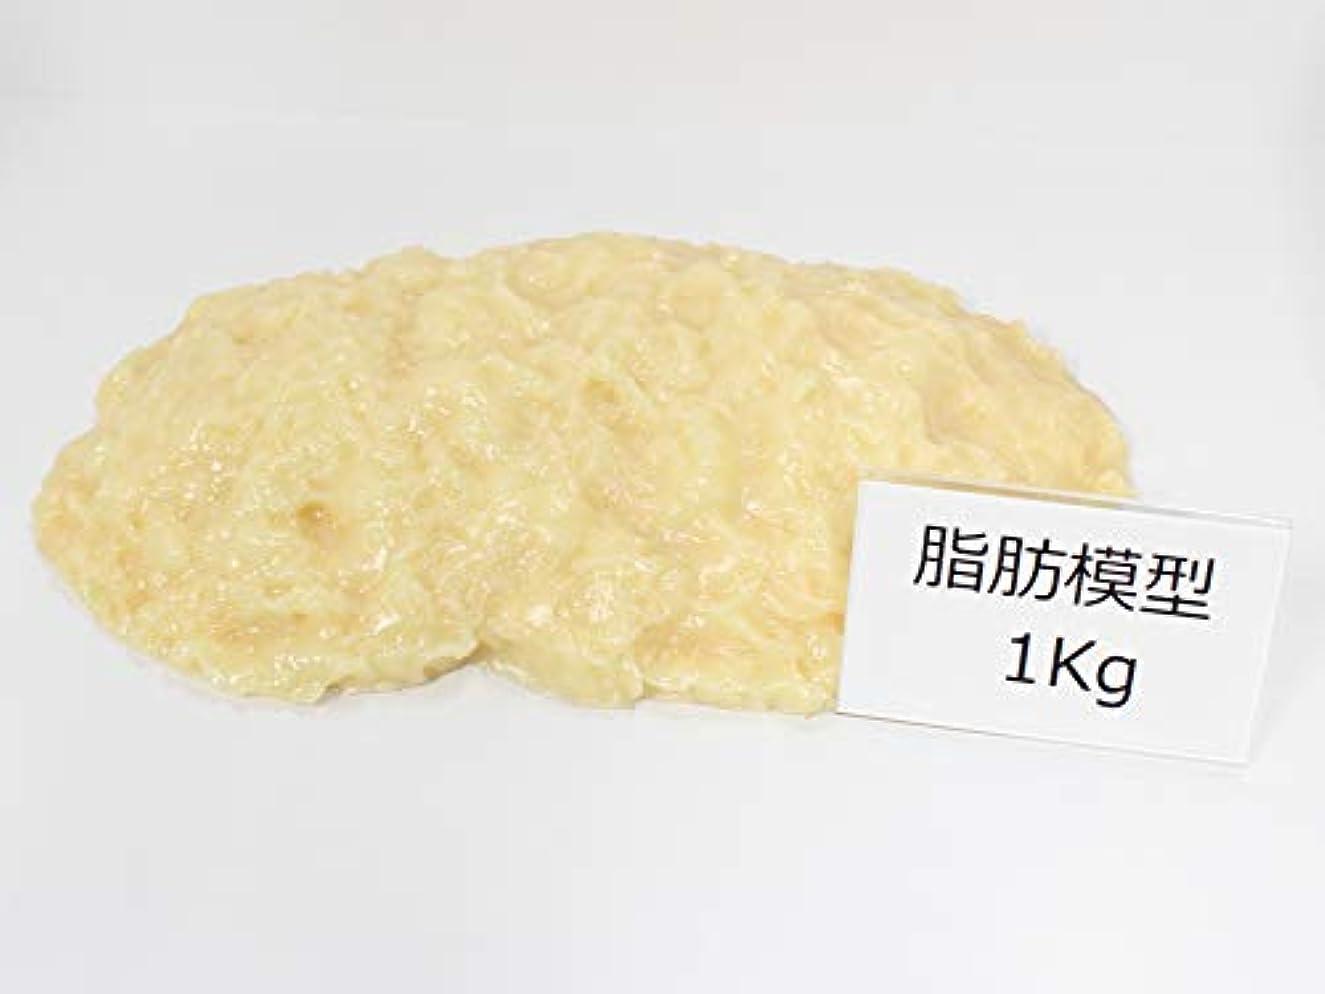 オーディション便益乱用脂肪サンプル 脂肪模型 1kg 食品サンプル 実物重量 ダイエット トレーニング フードモデル